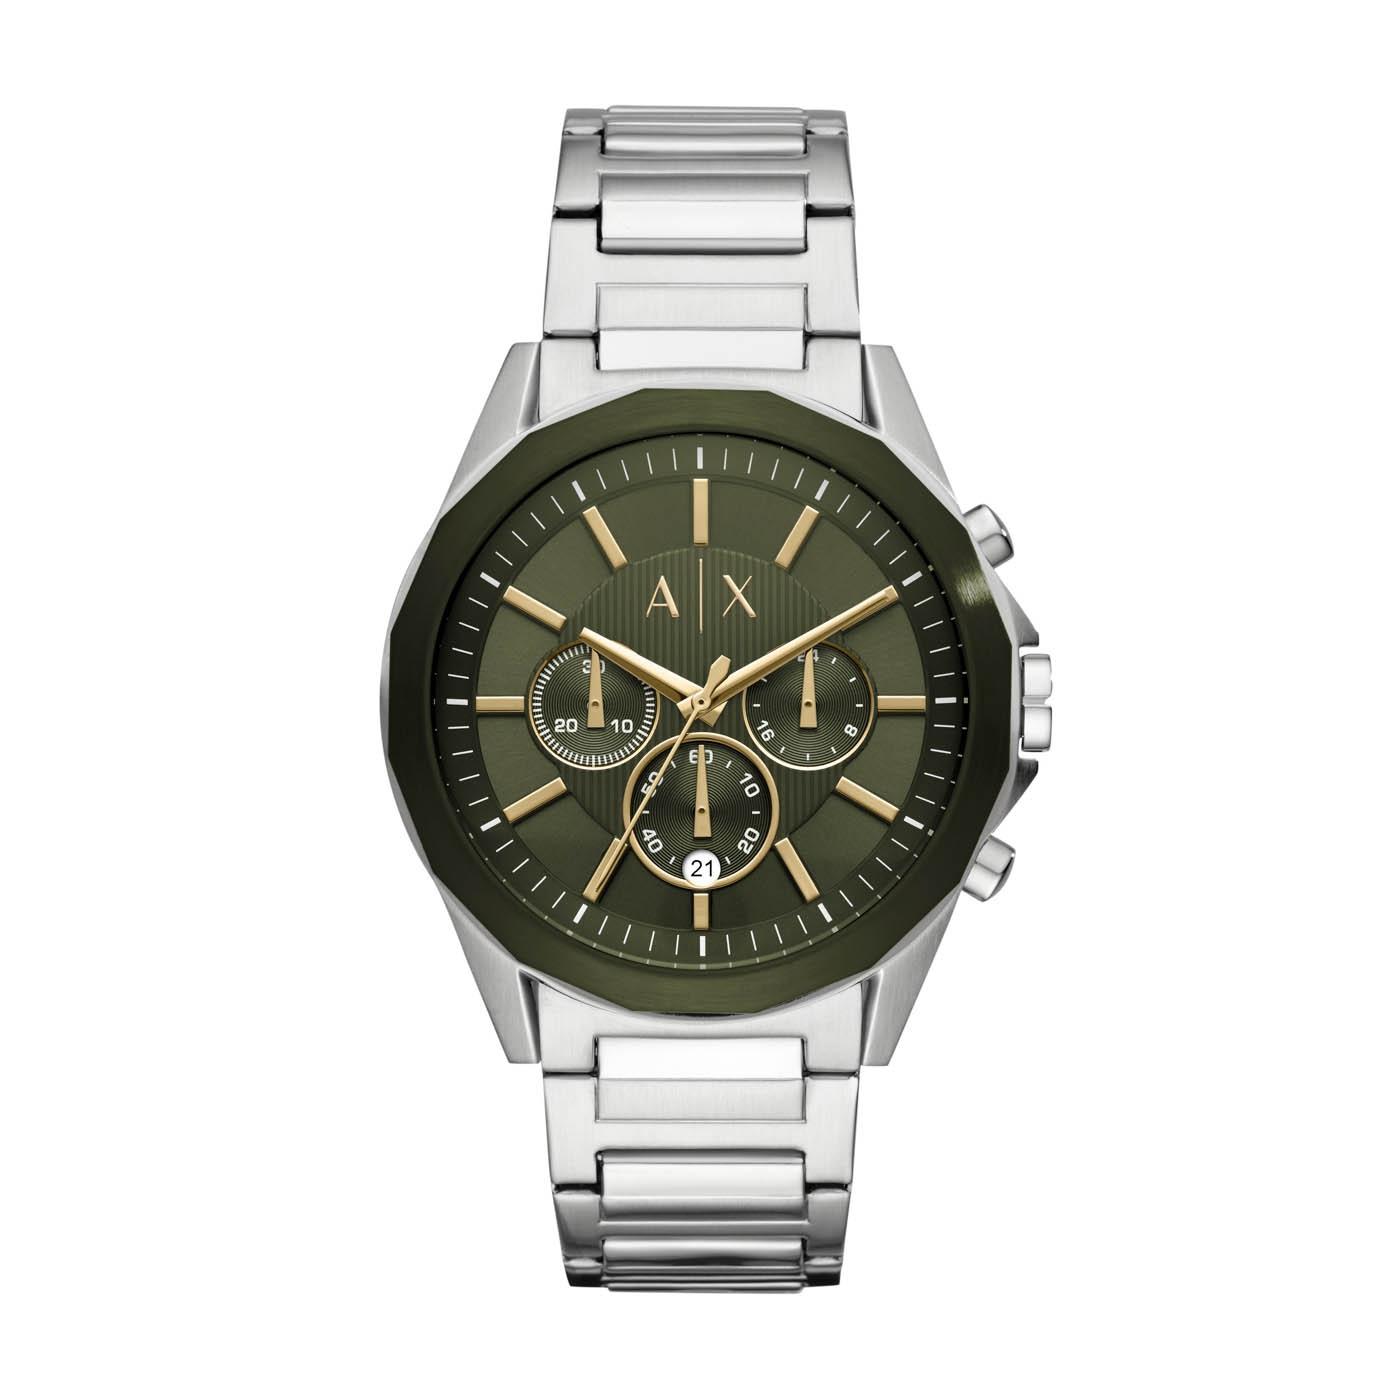 Afbeelding van Armani Exchange Drexler horloge AX2616